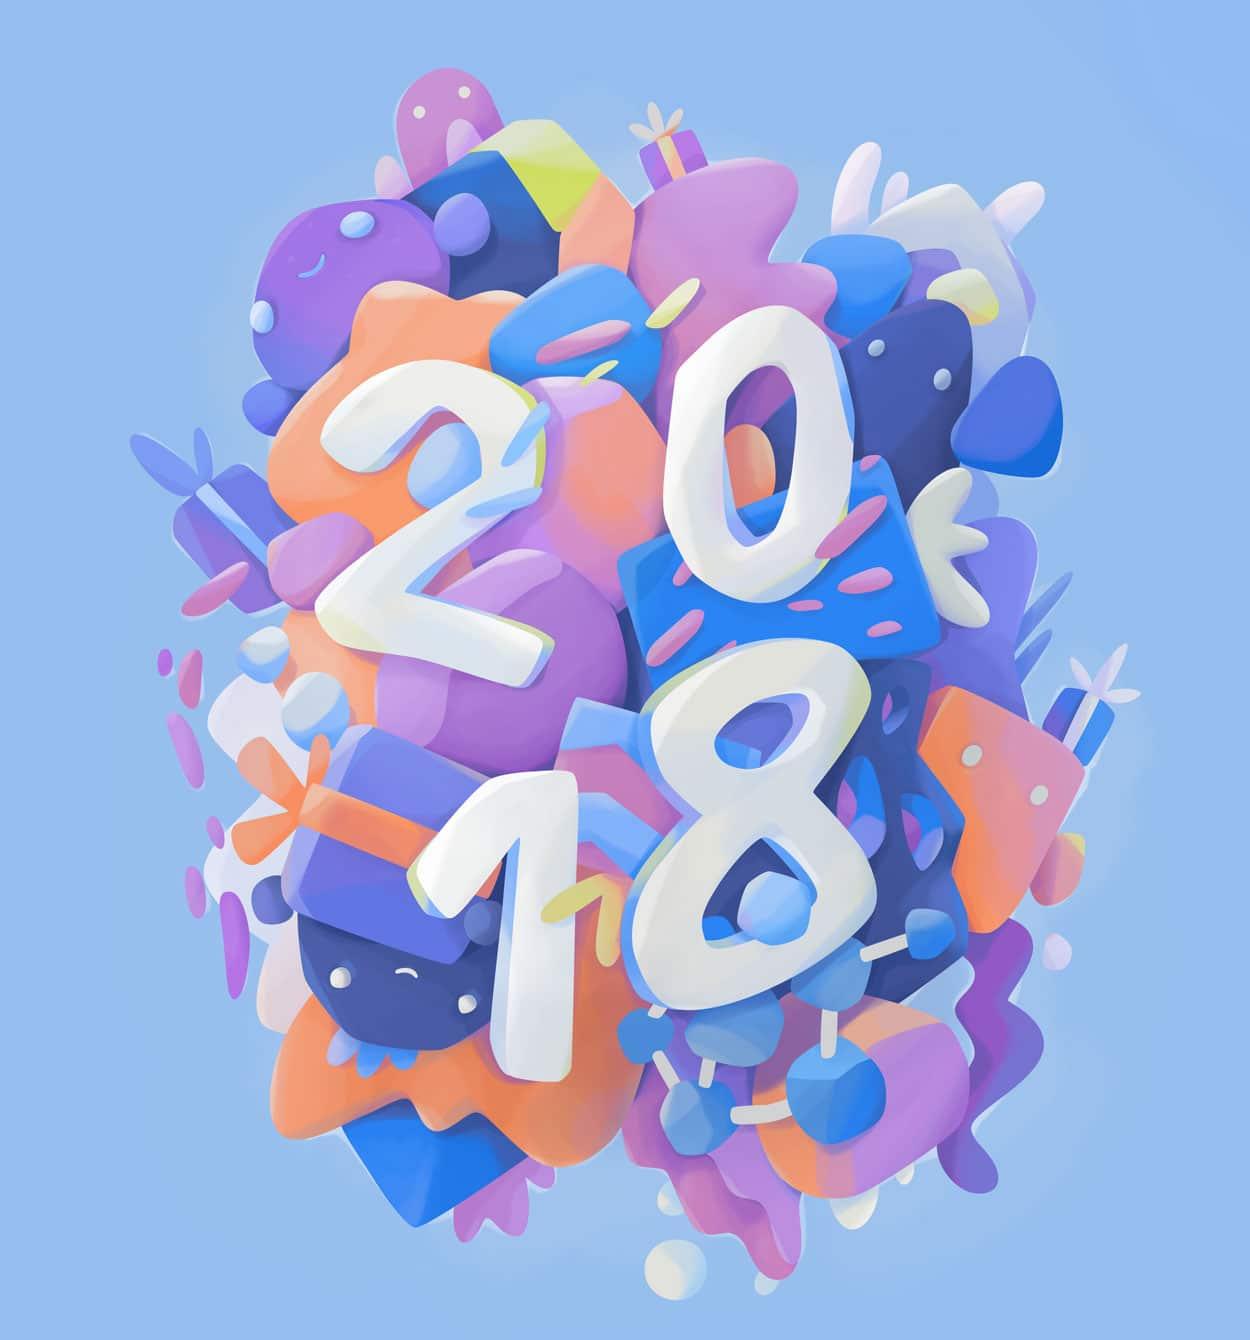 Graphic Designer Trend: Three Graphic Design Trends For 2018